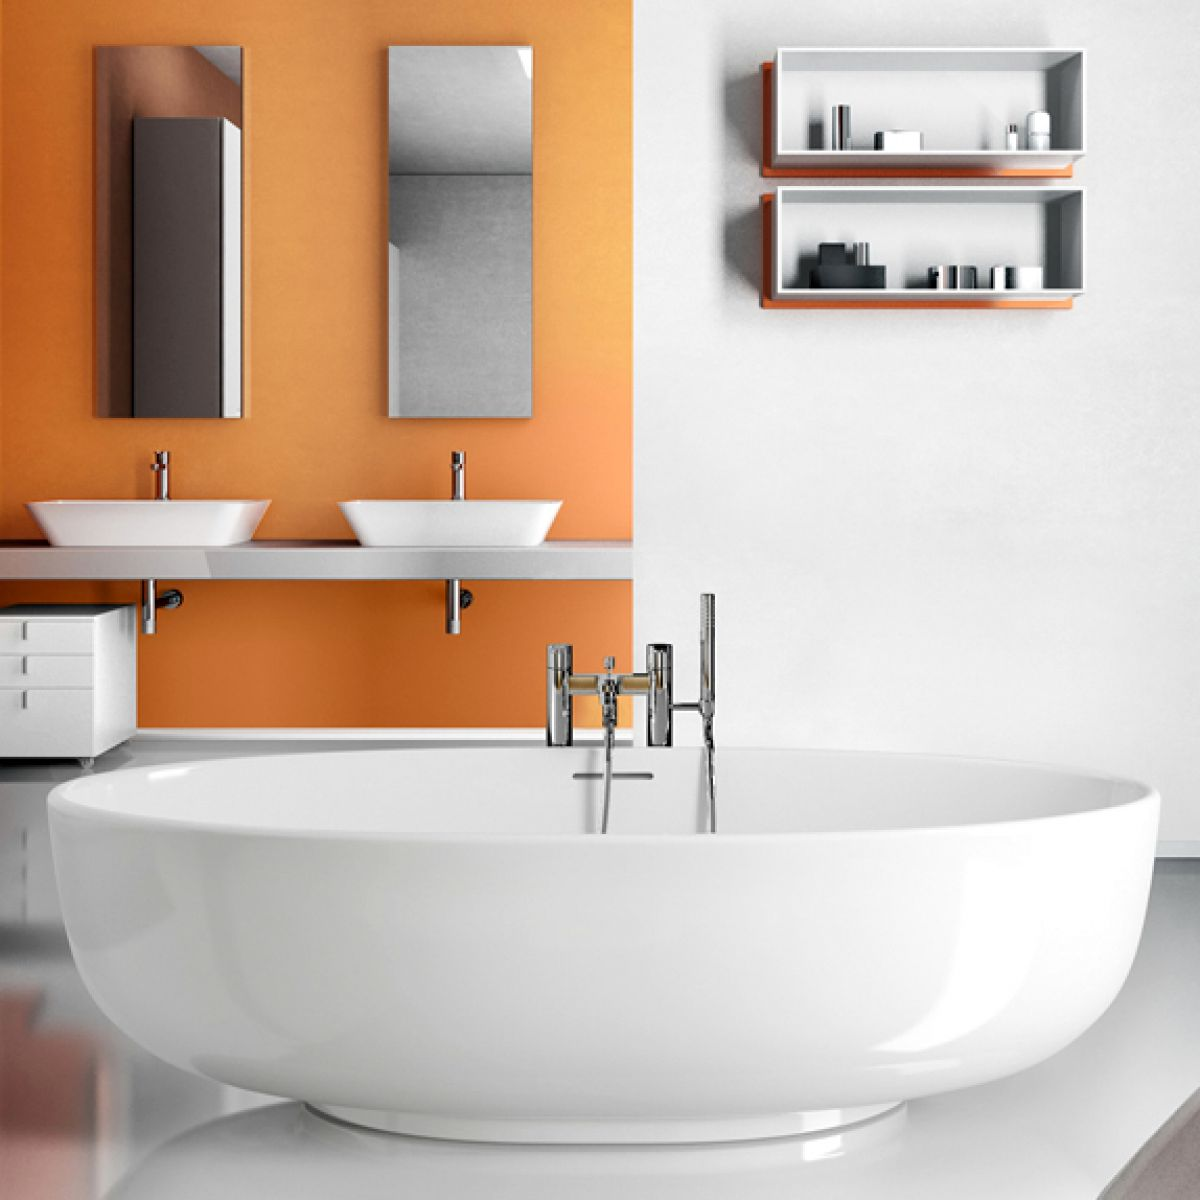 Bathroom Vanities Clearwater Fl: Clearwater Puro Freestanding Clearstone Bath : UK Bathrooms